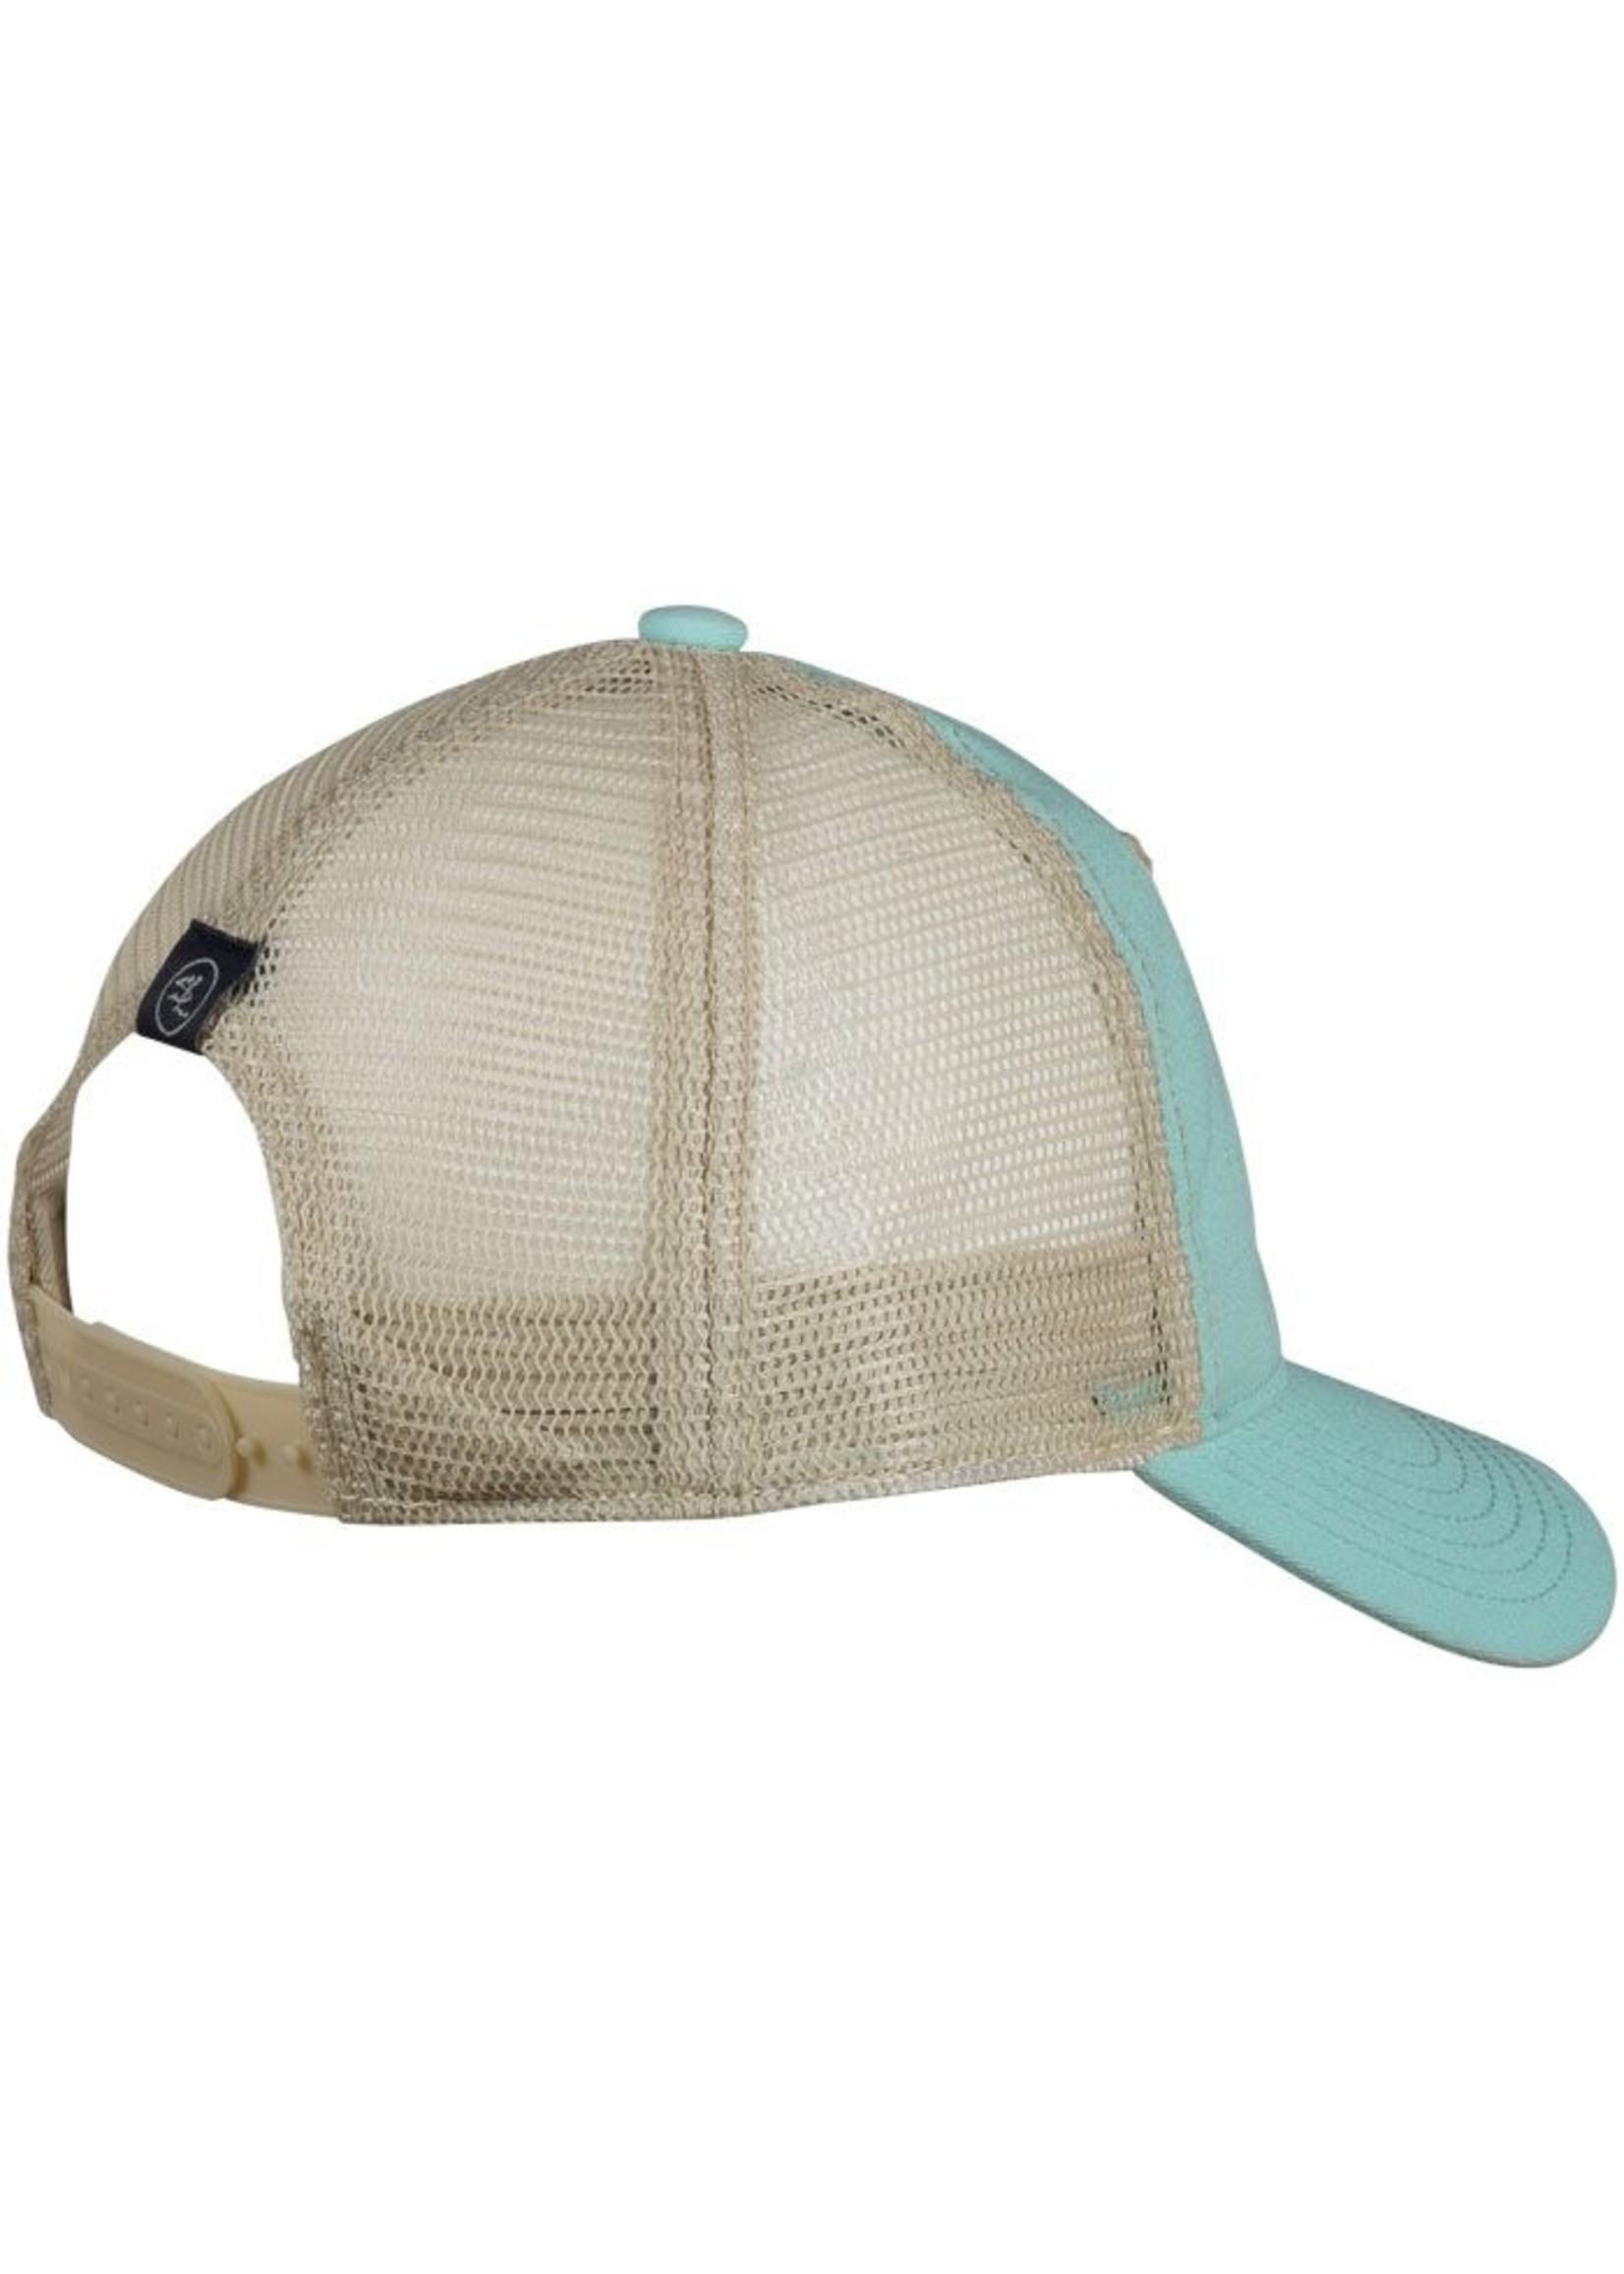 Salt Life Back Fin Hat